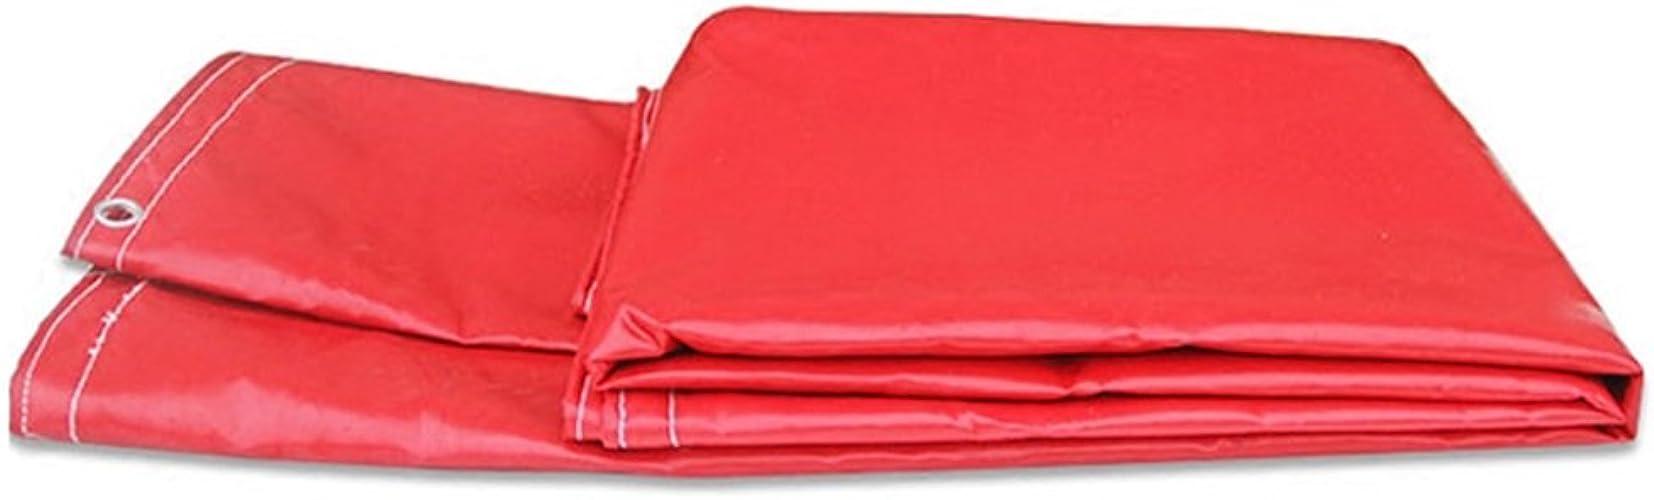 YUJIE Bache De Prougeection Rouge 100% étanche Et Anti-UV - Polyéthylène Tissé Haute Densité Et Double Stratification, 7 Options De Taille